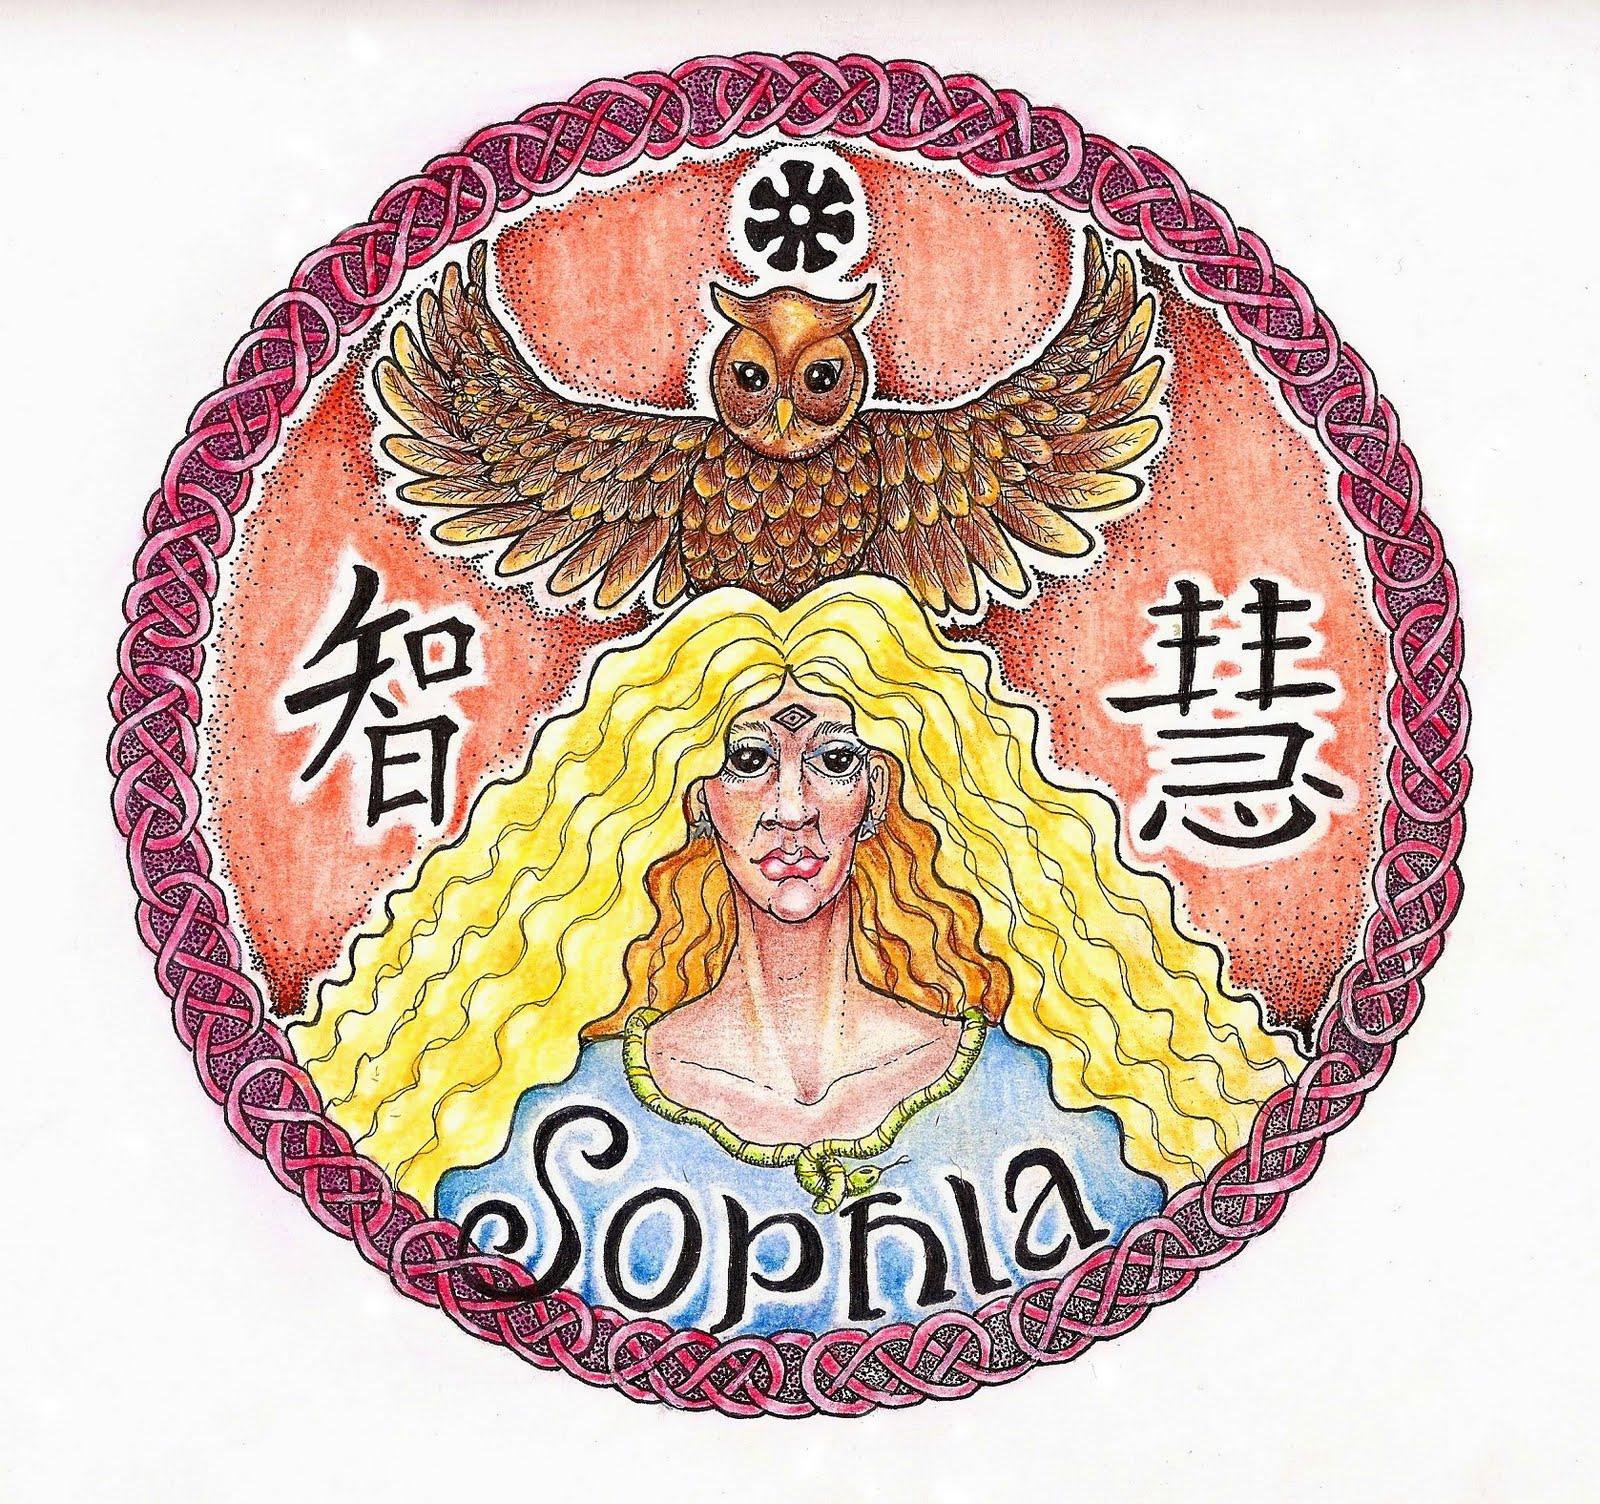 Sophia.jpg